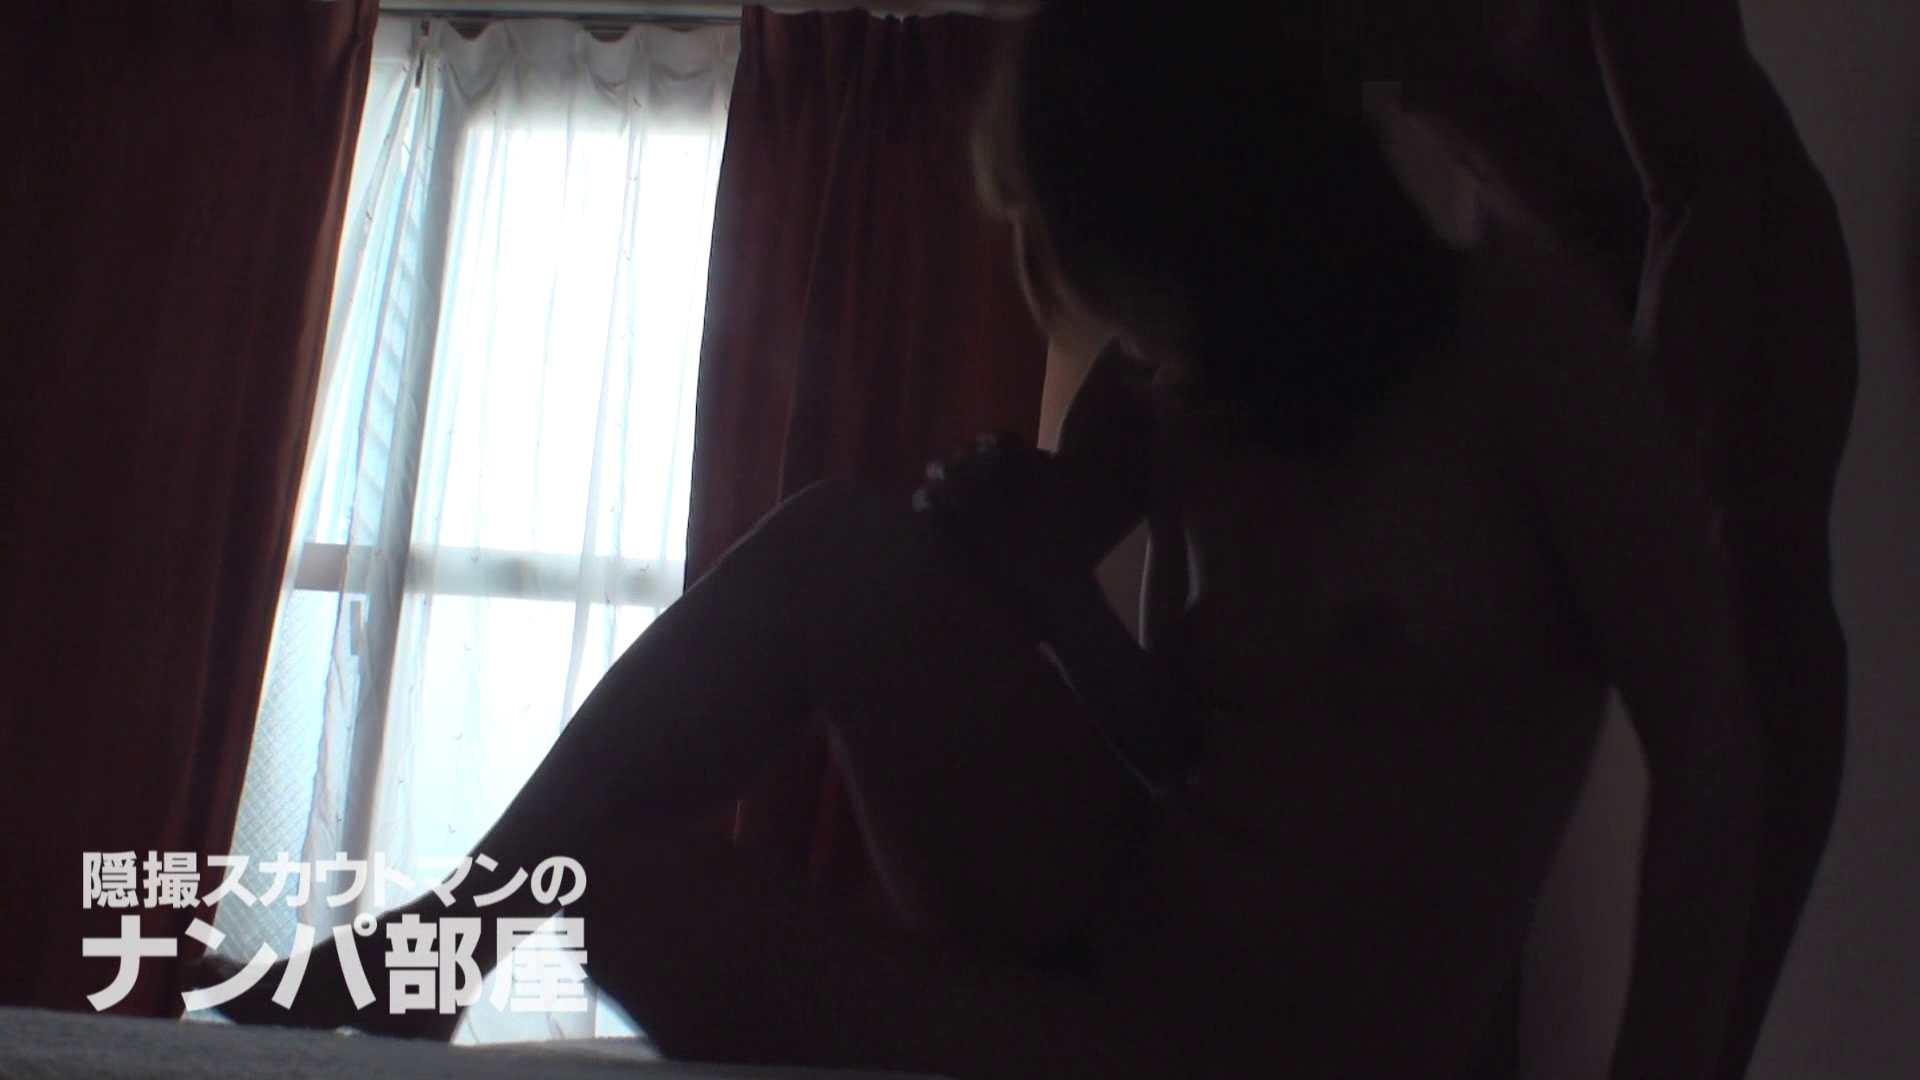 隠撮スカウトマンのナンパ部屋~風俗デビュー前のつまみ食い~ siivol.4 ナンパ ヌード画像 74pic 39